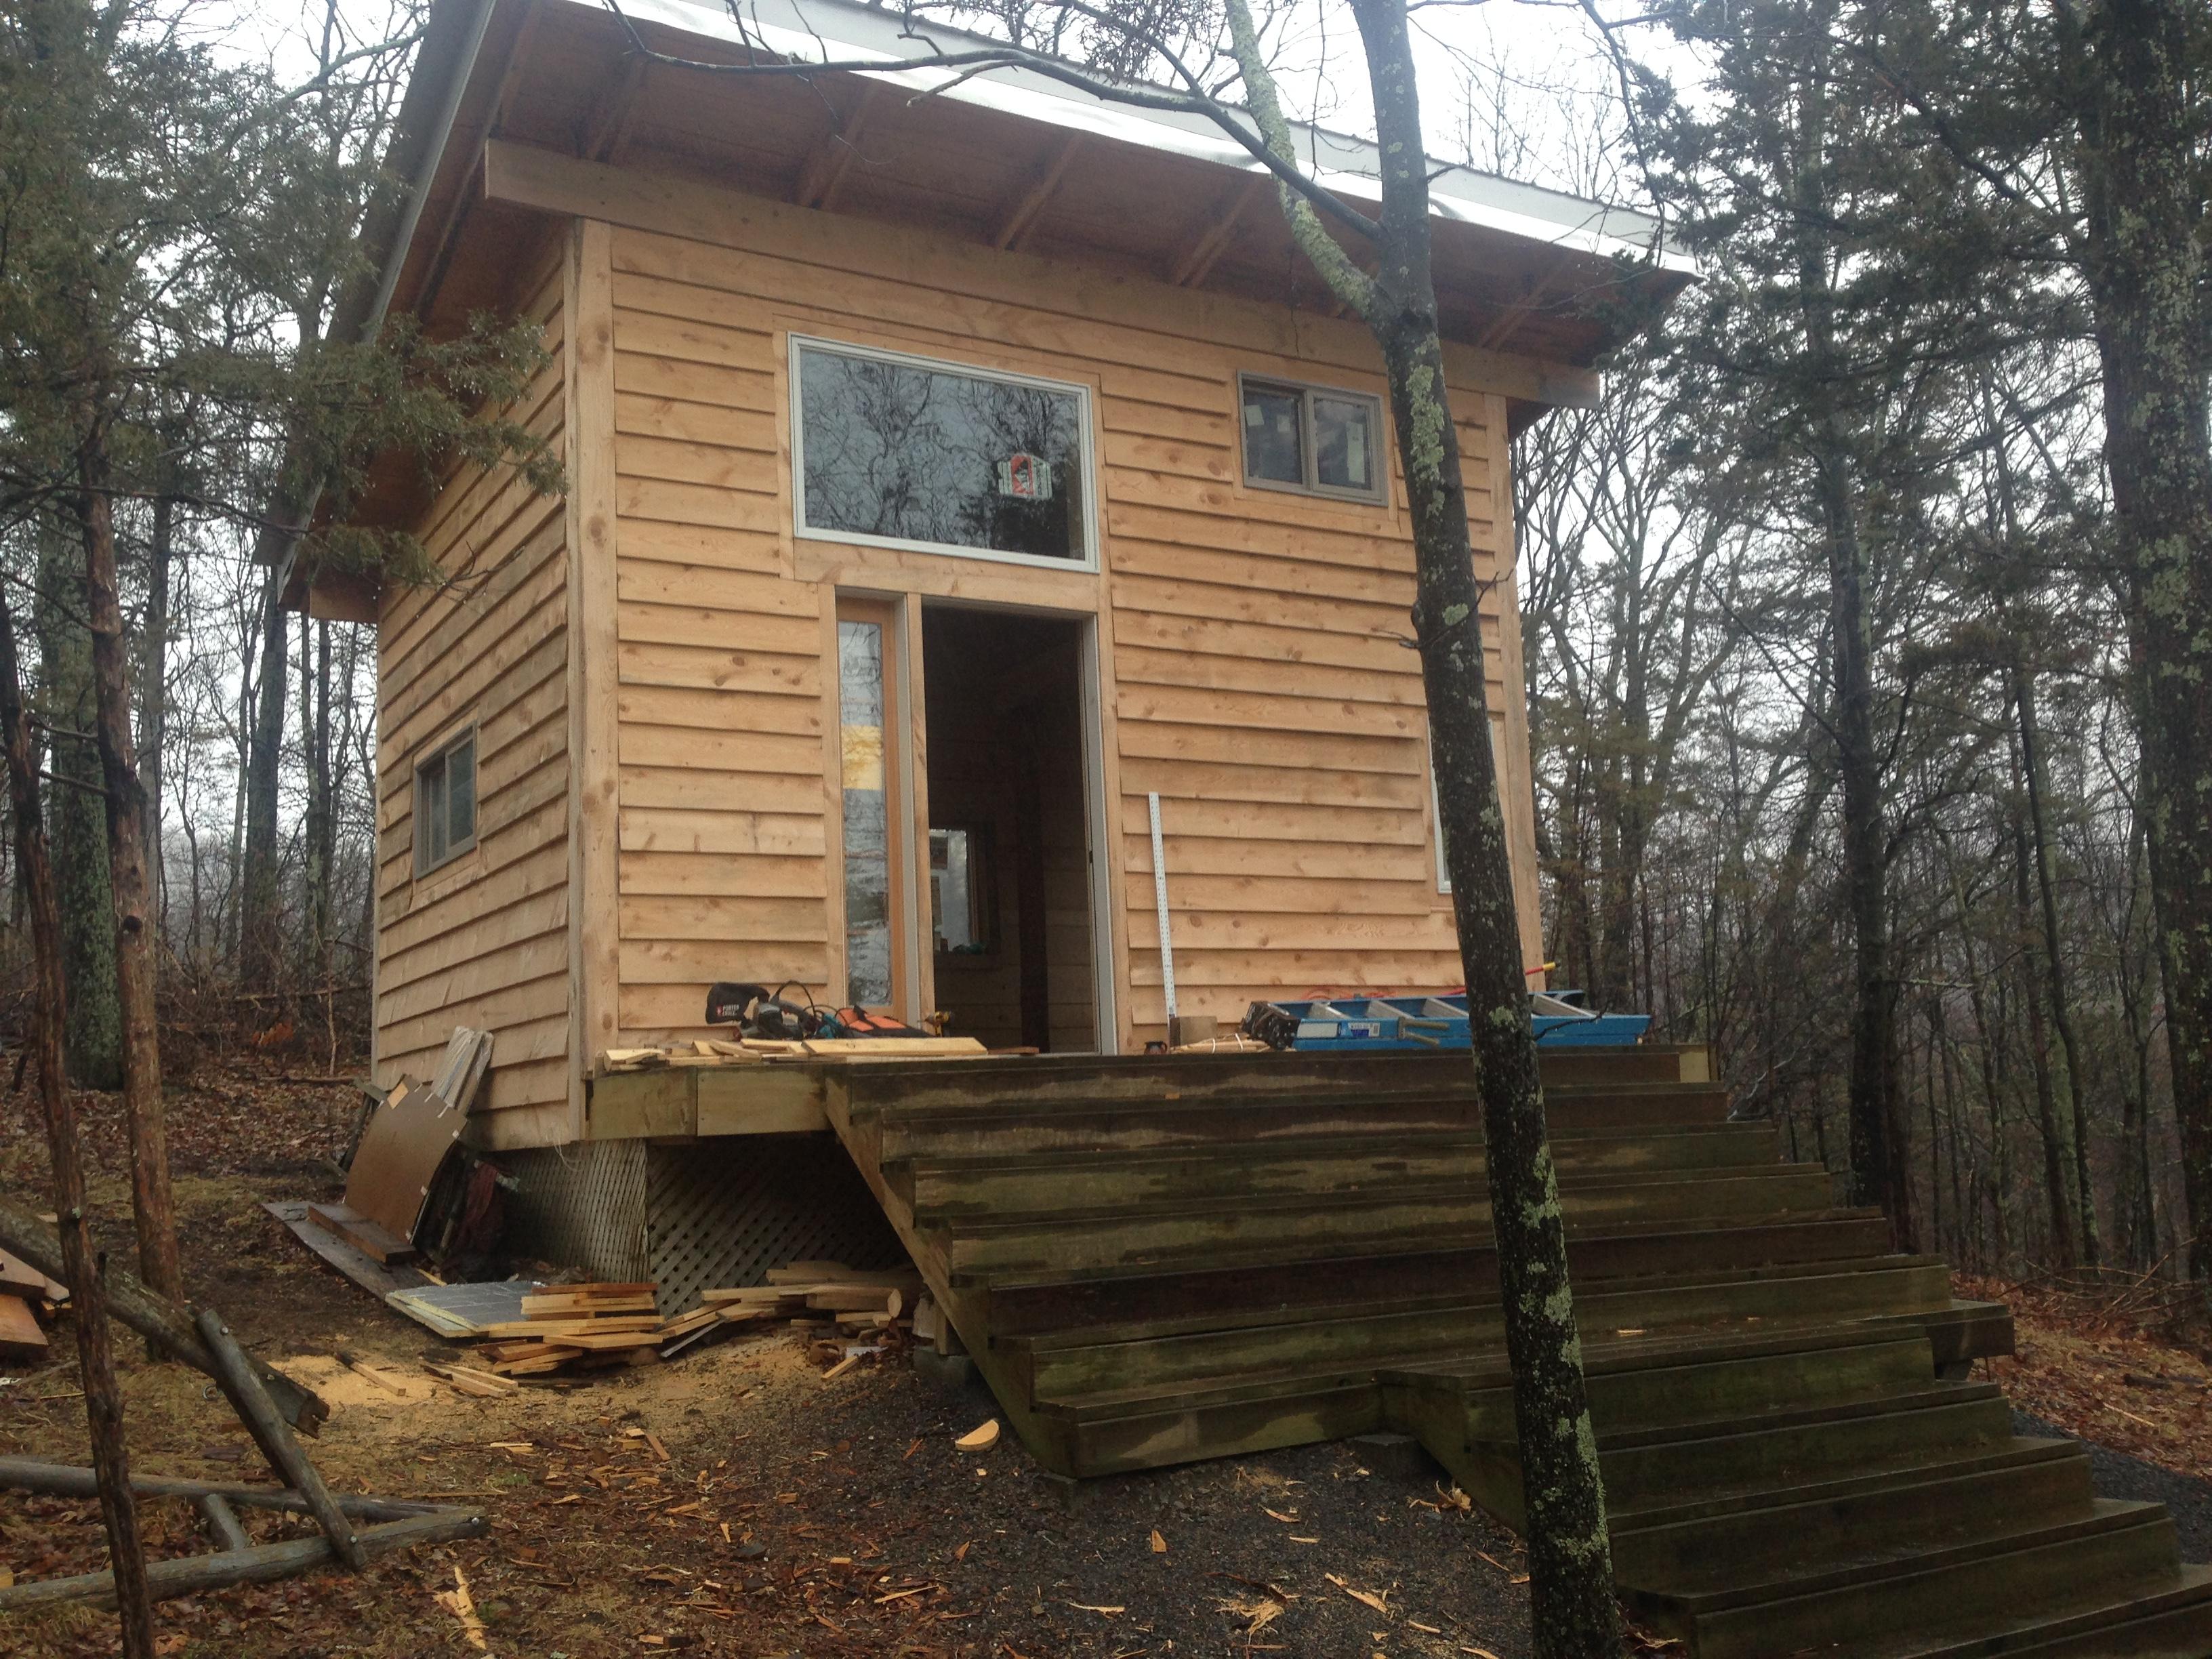 Tiny House Gardiner,NY